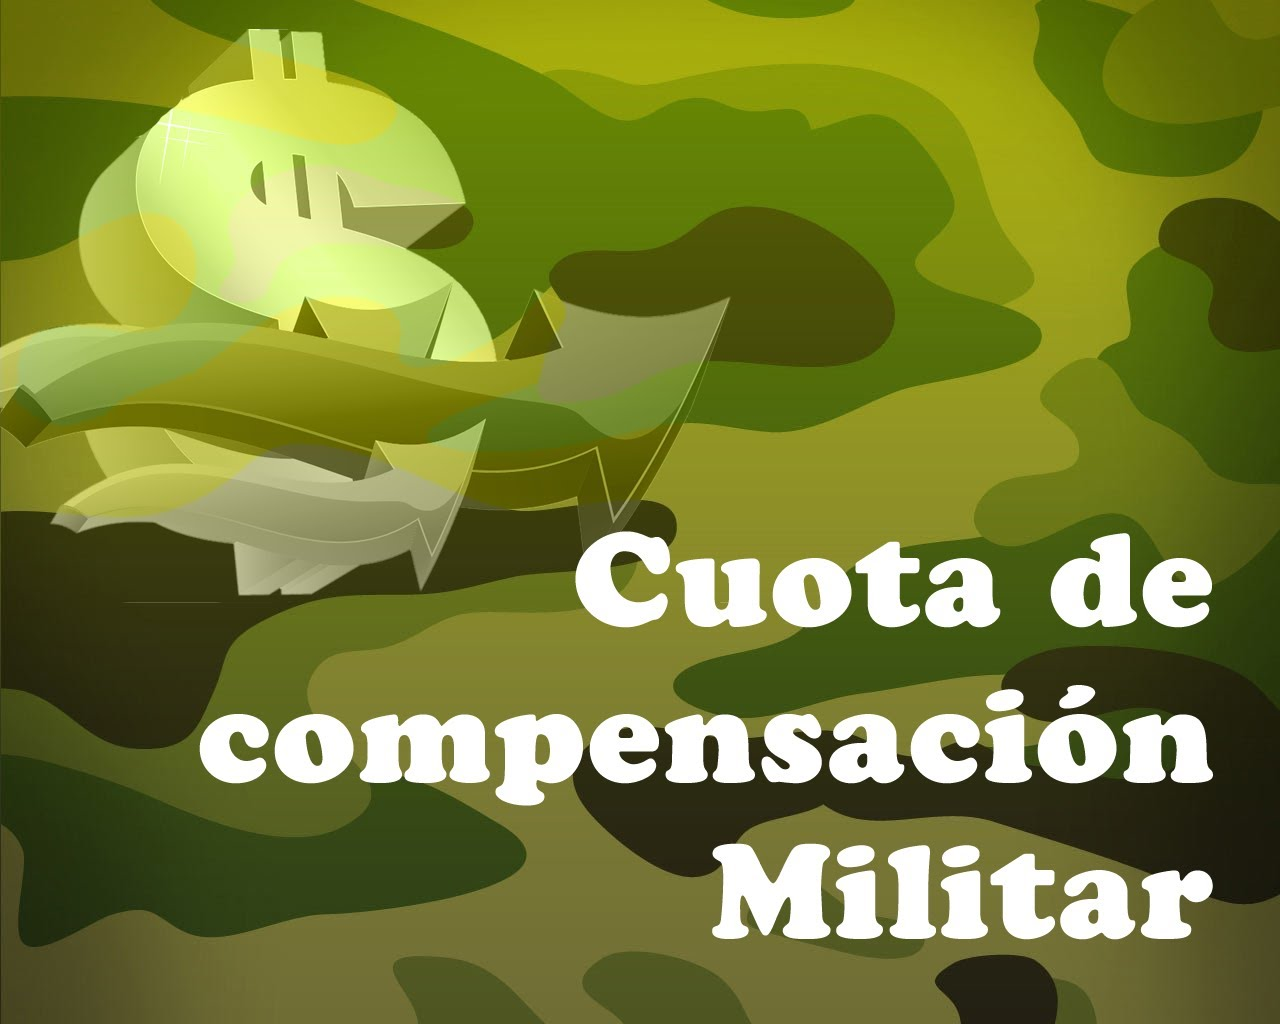 cuota de compensación militar